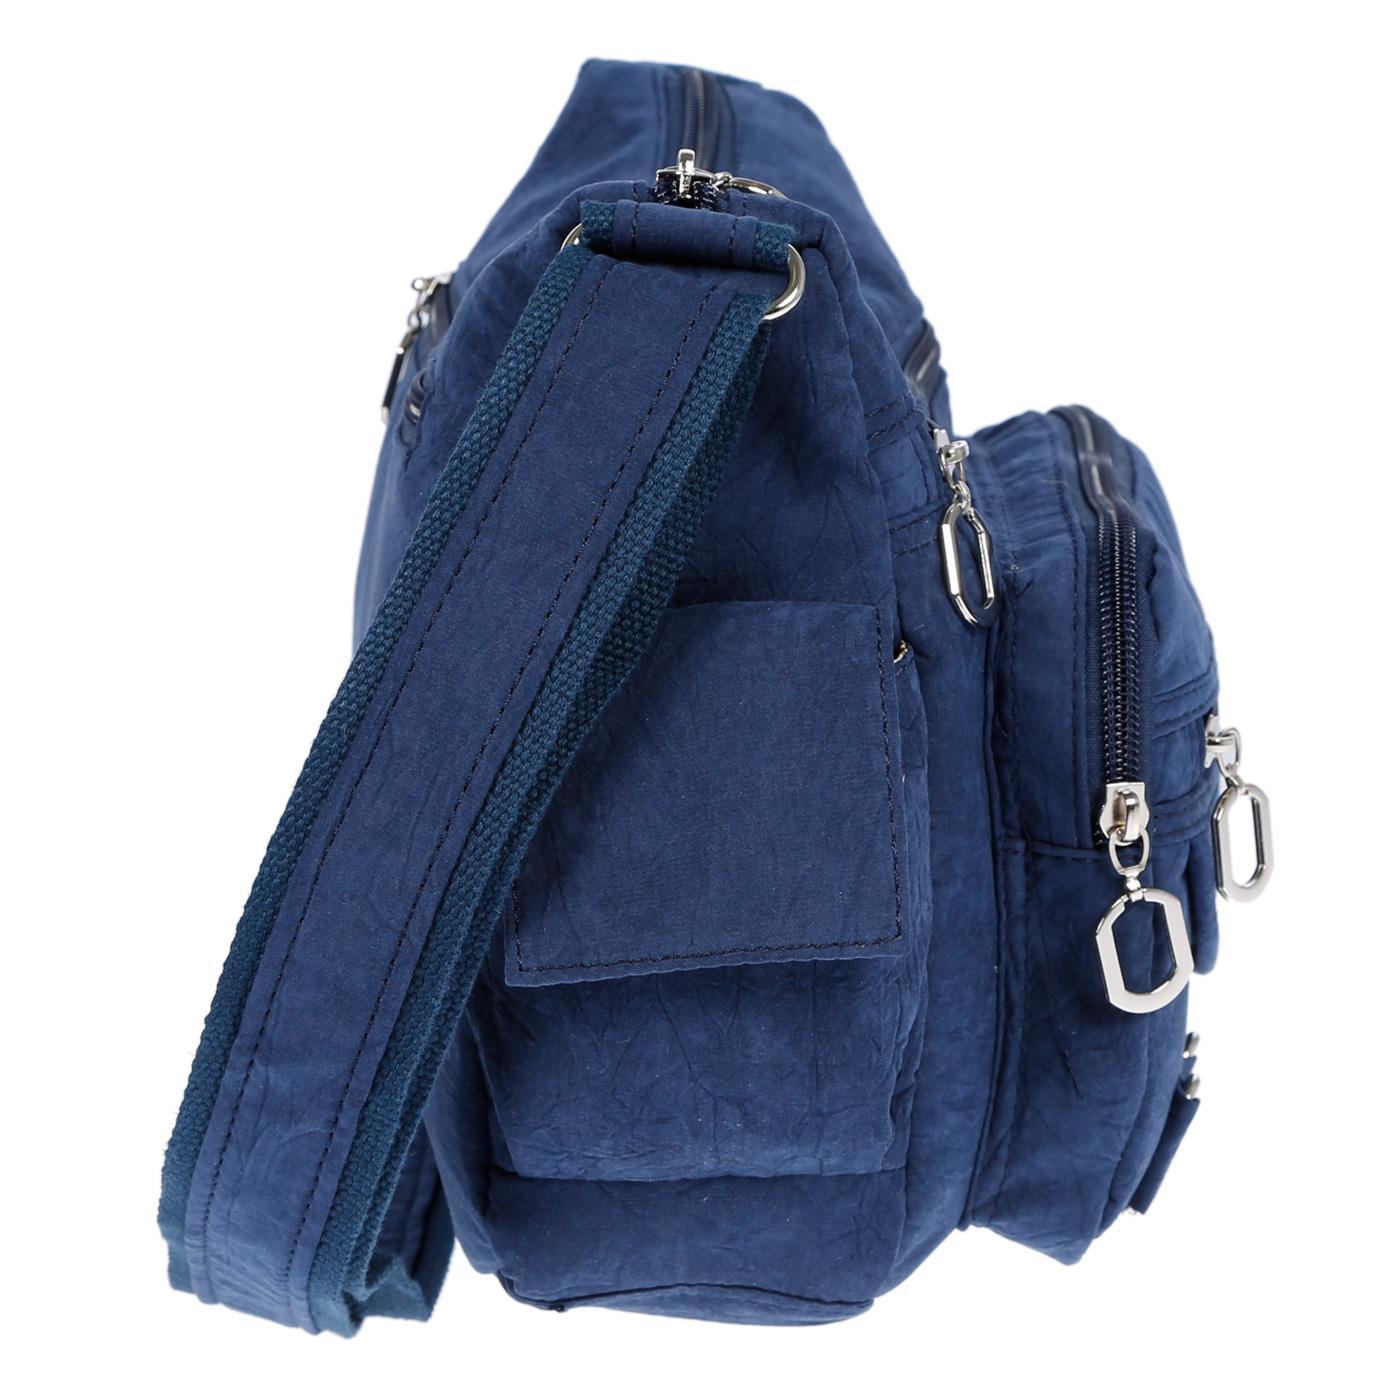 Damenhandtasche-Schultertasche-Tasche-Umhaengetasche-Canvas-Shopper-Crossover-Bag Indexbild 11